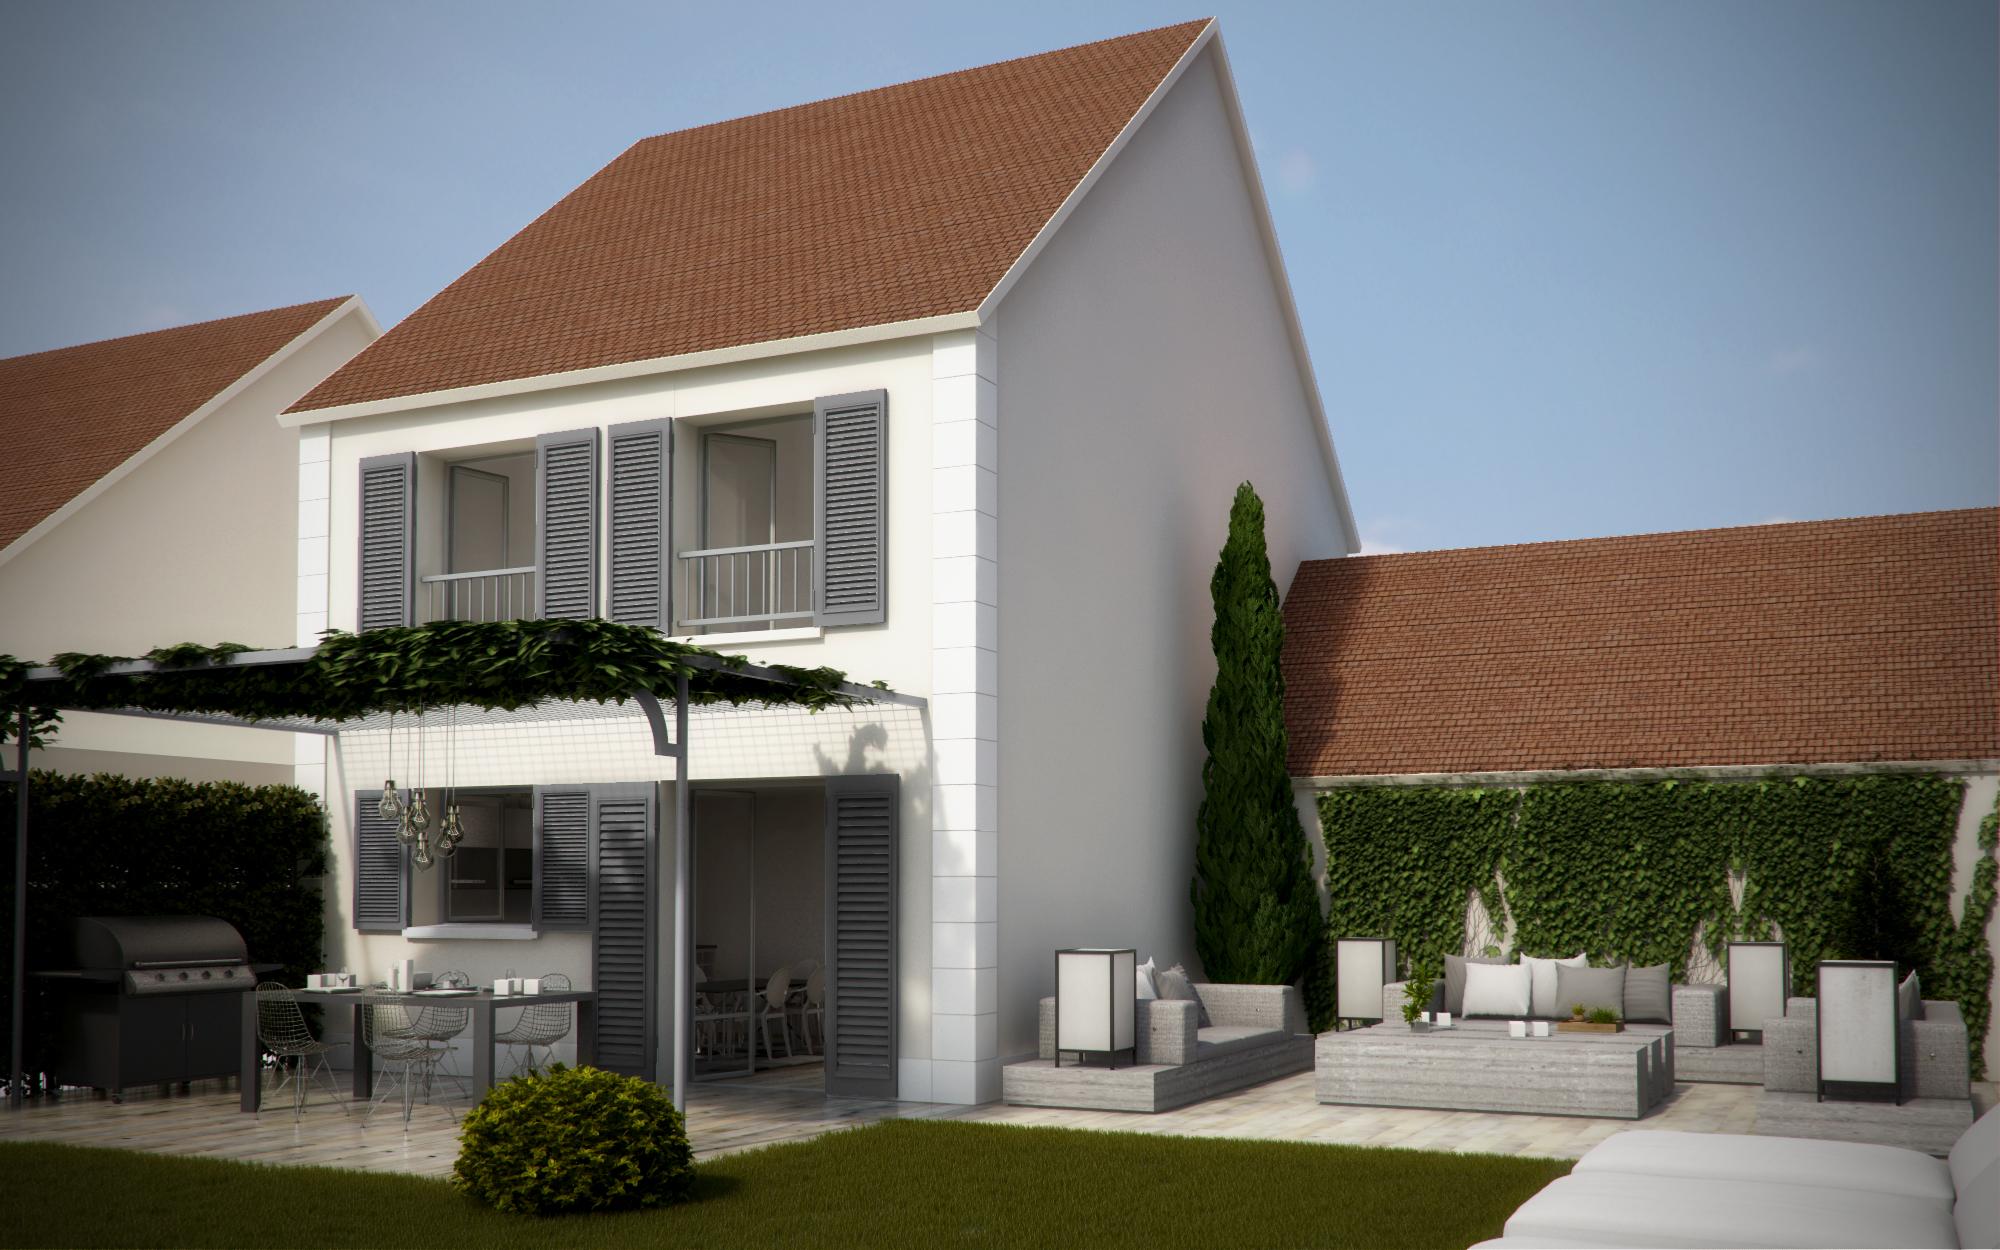 vente maison ard che 07 annonces maisons vendre achat immobilier. Black Bedroom Furniture Sets. Home Design Ideas